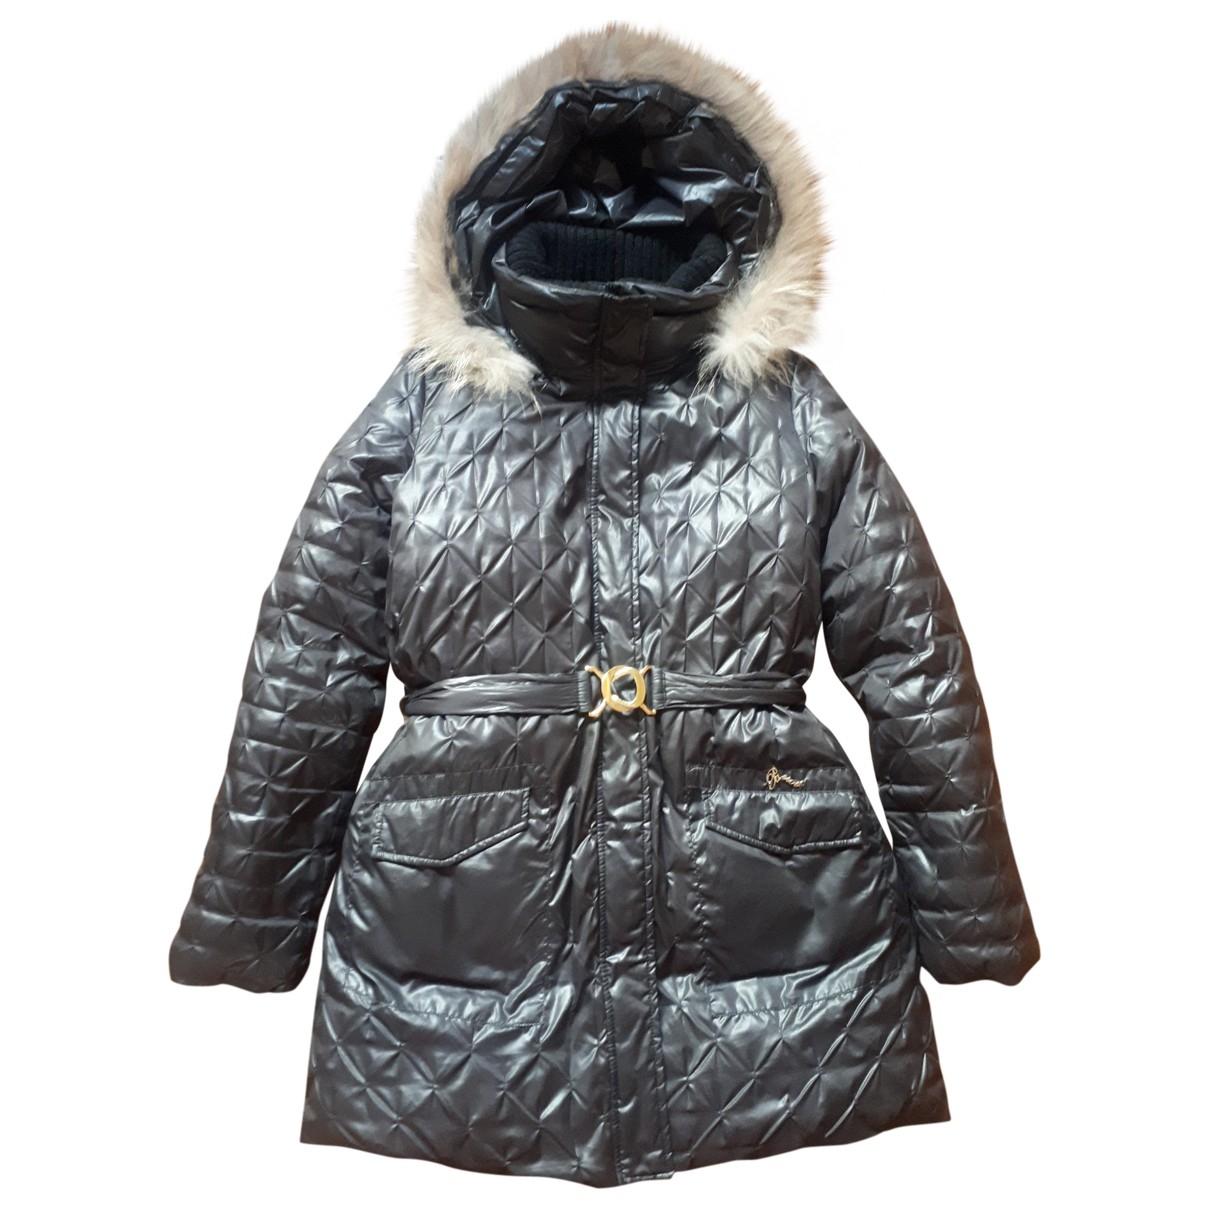 Parrot - Blousons.Manteaux   pour enfant - noir